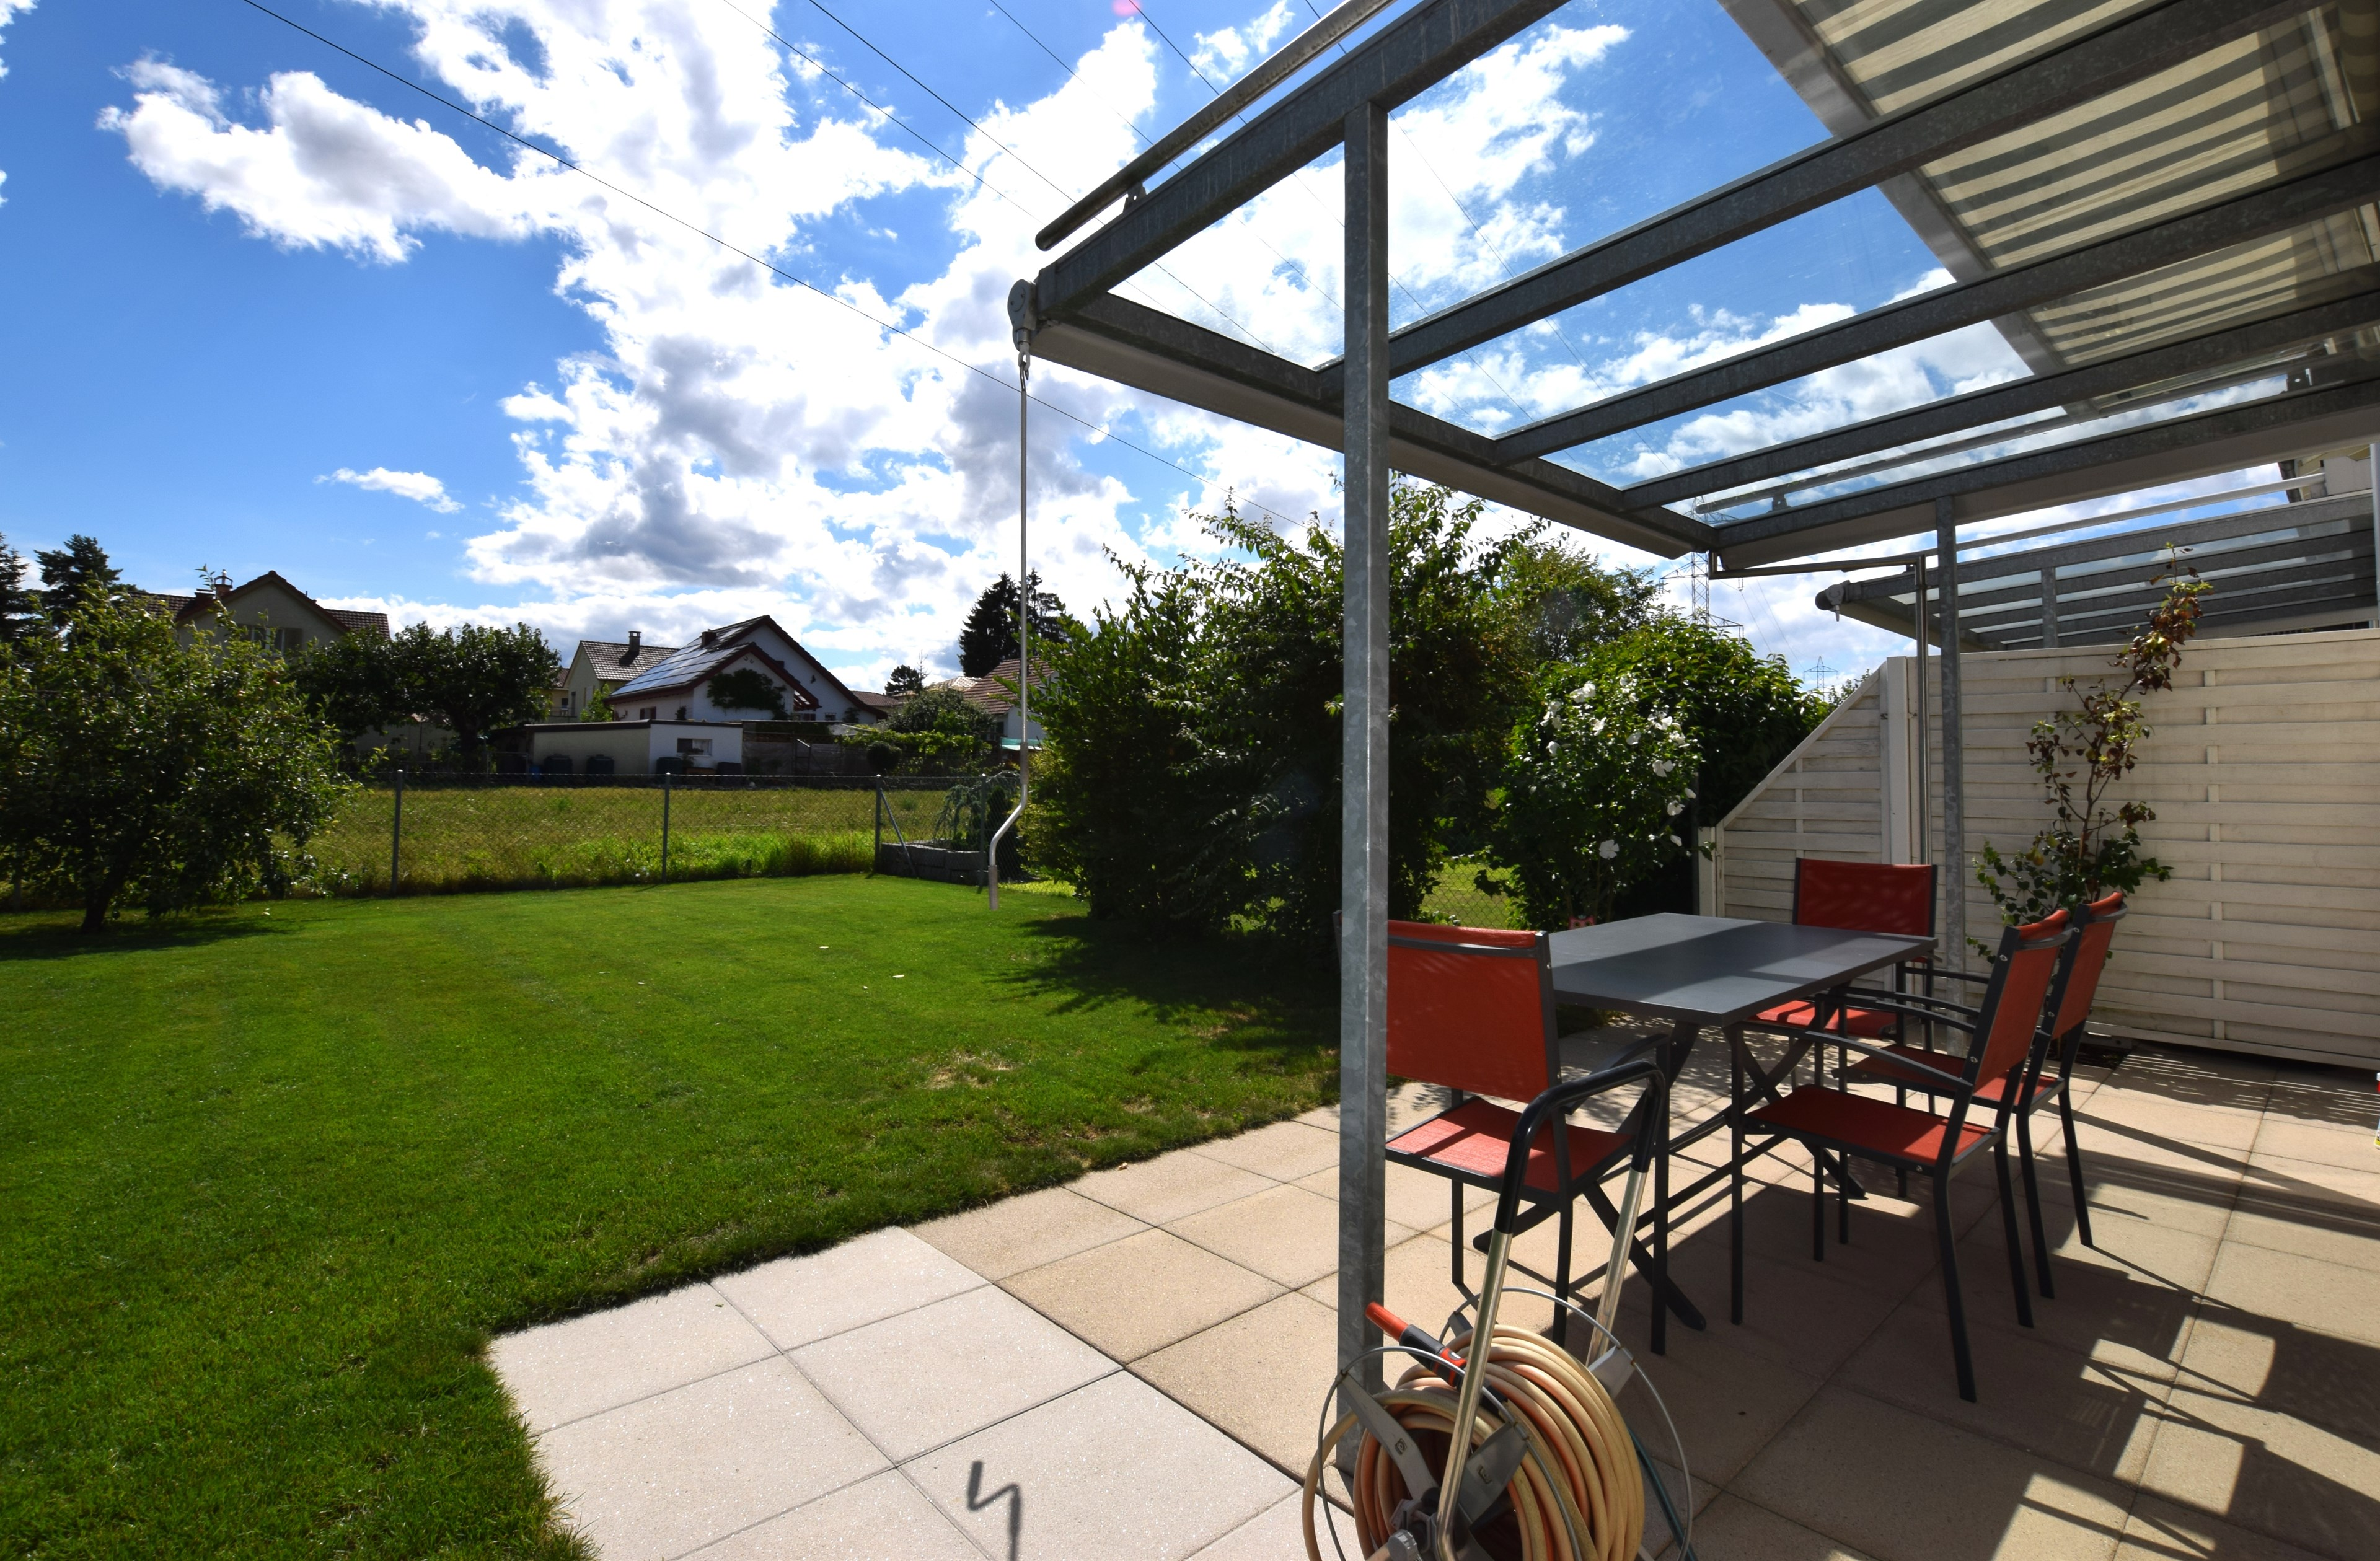 Gartensitzplatz und Garten